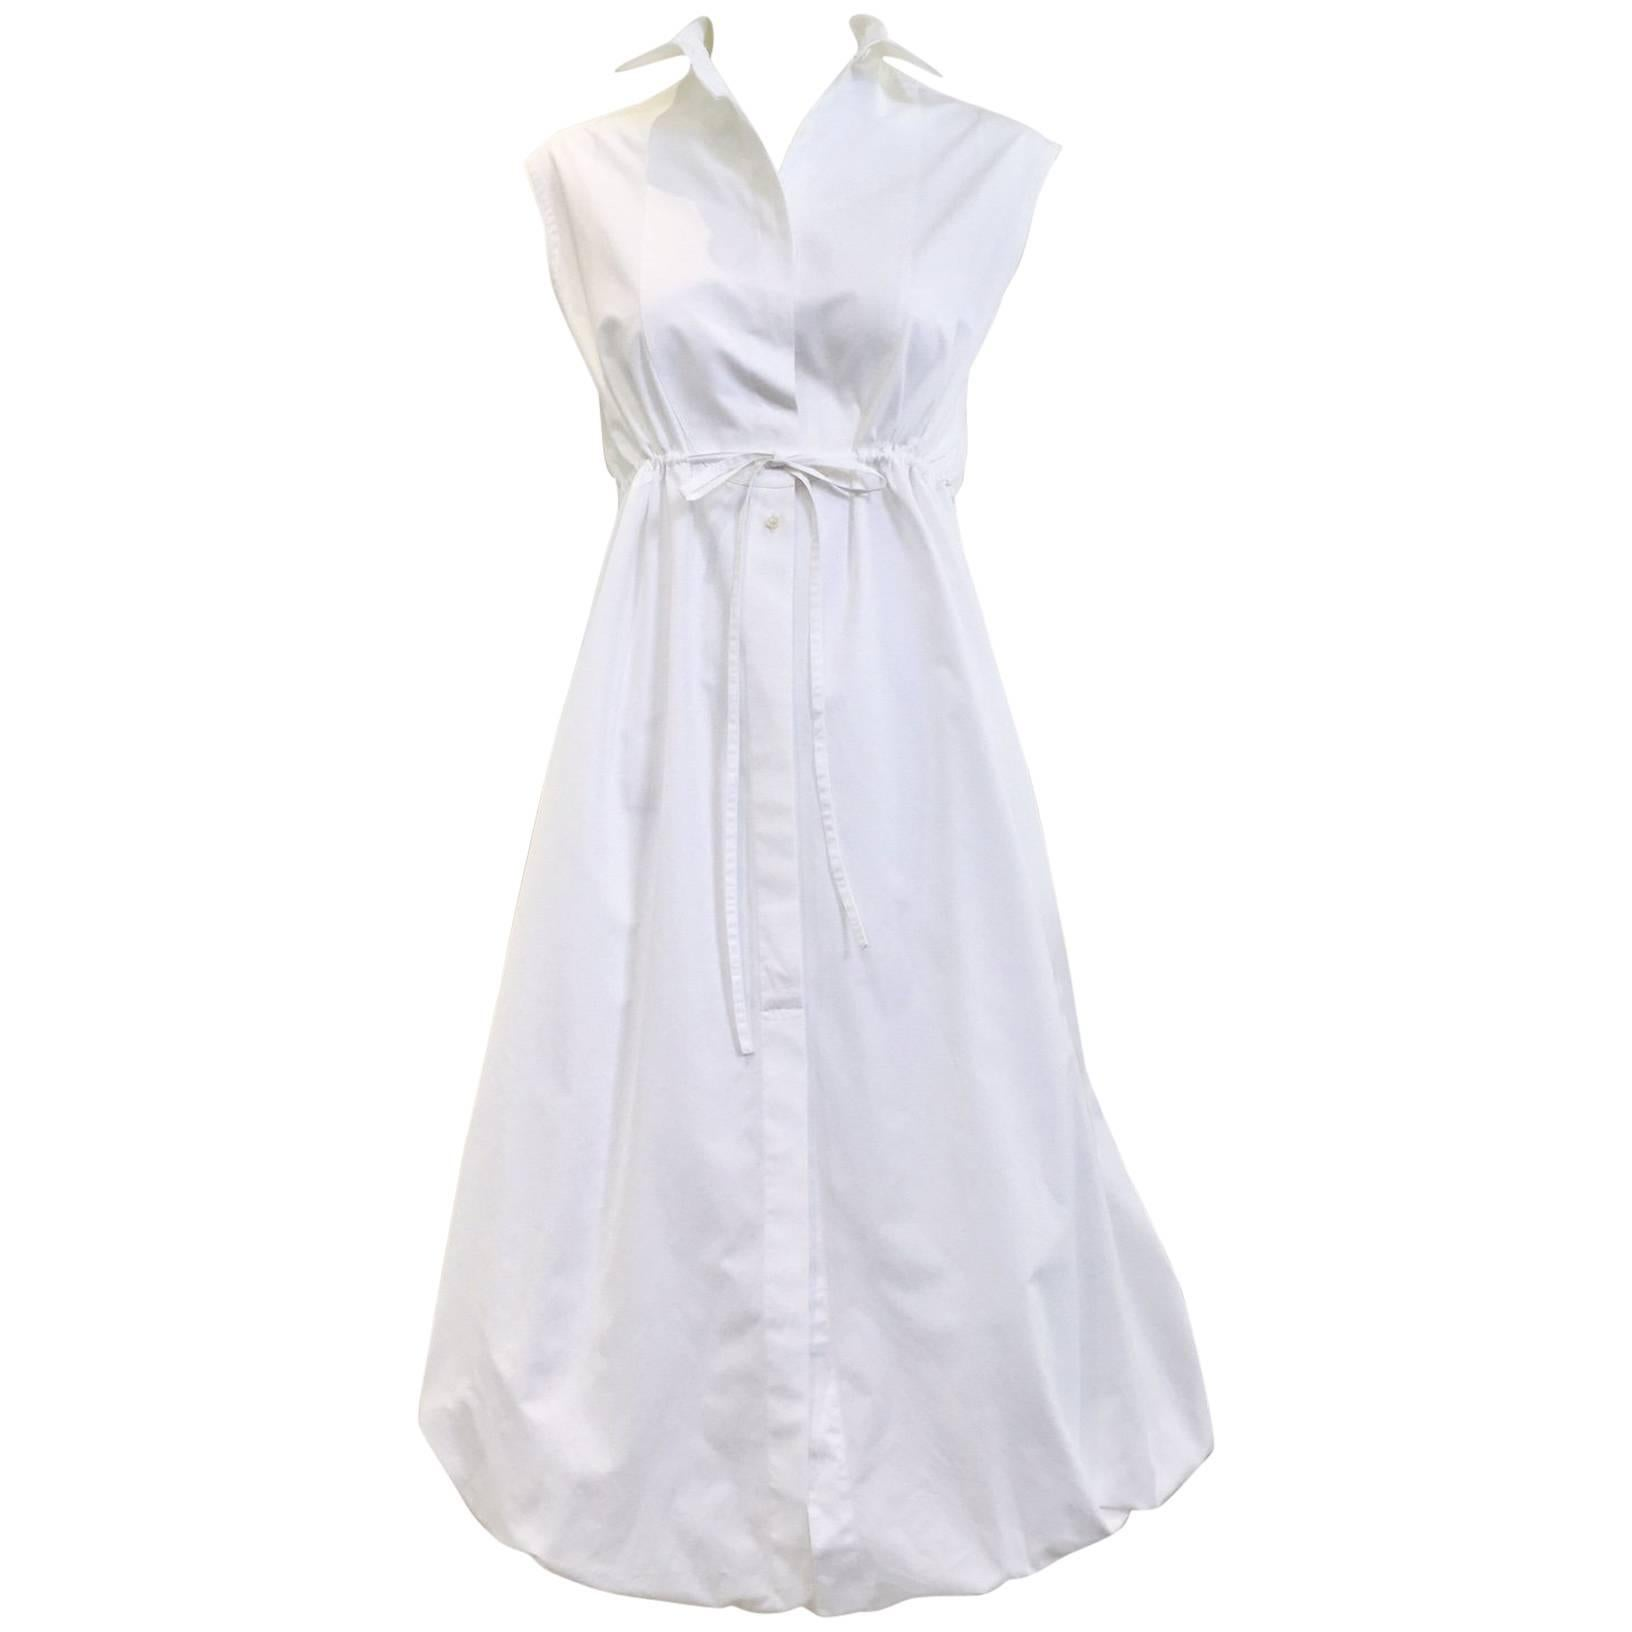 ALAIA white cotton summer dress